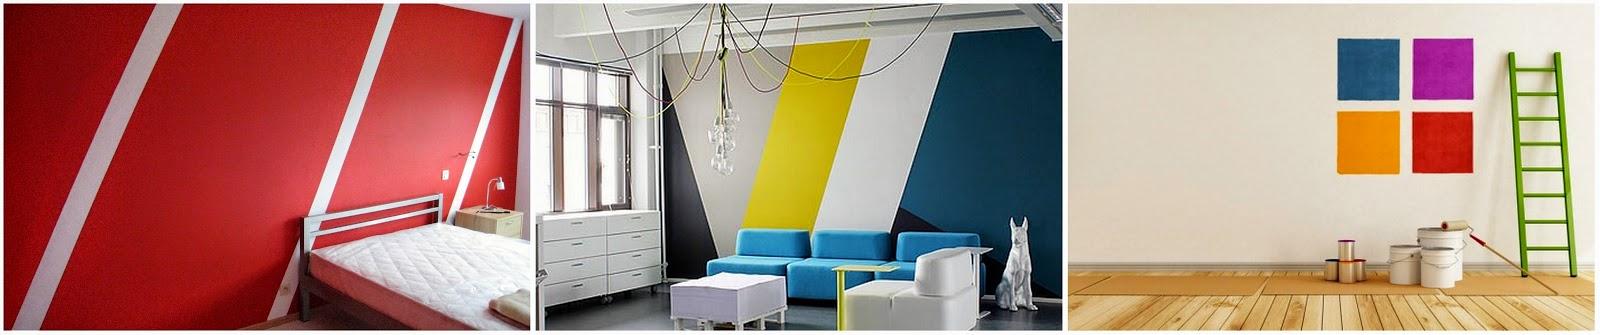 tarif peintre murs paris entreprise de peinture paris. Black Bedroom Furniture Sets. Home Design Ideas